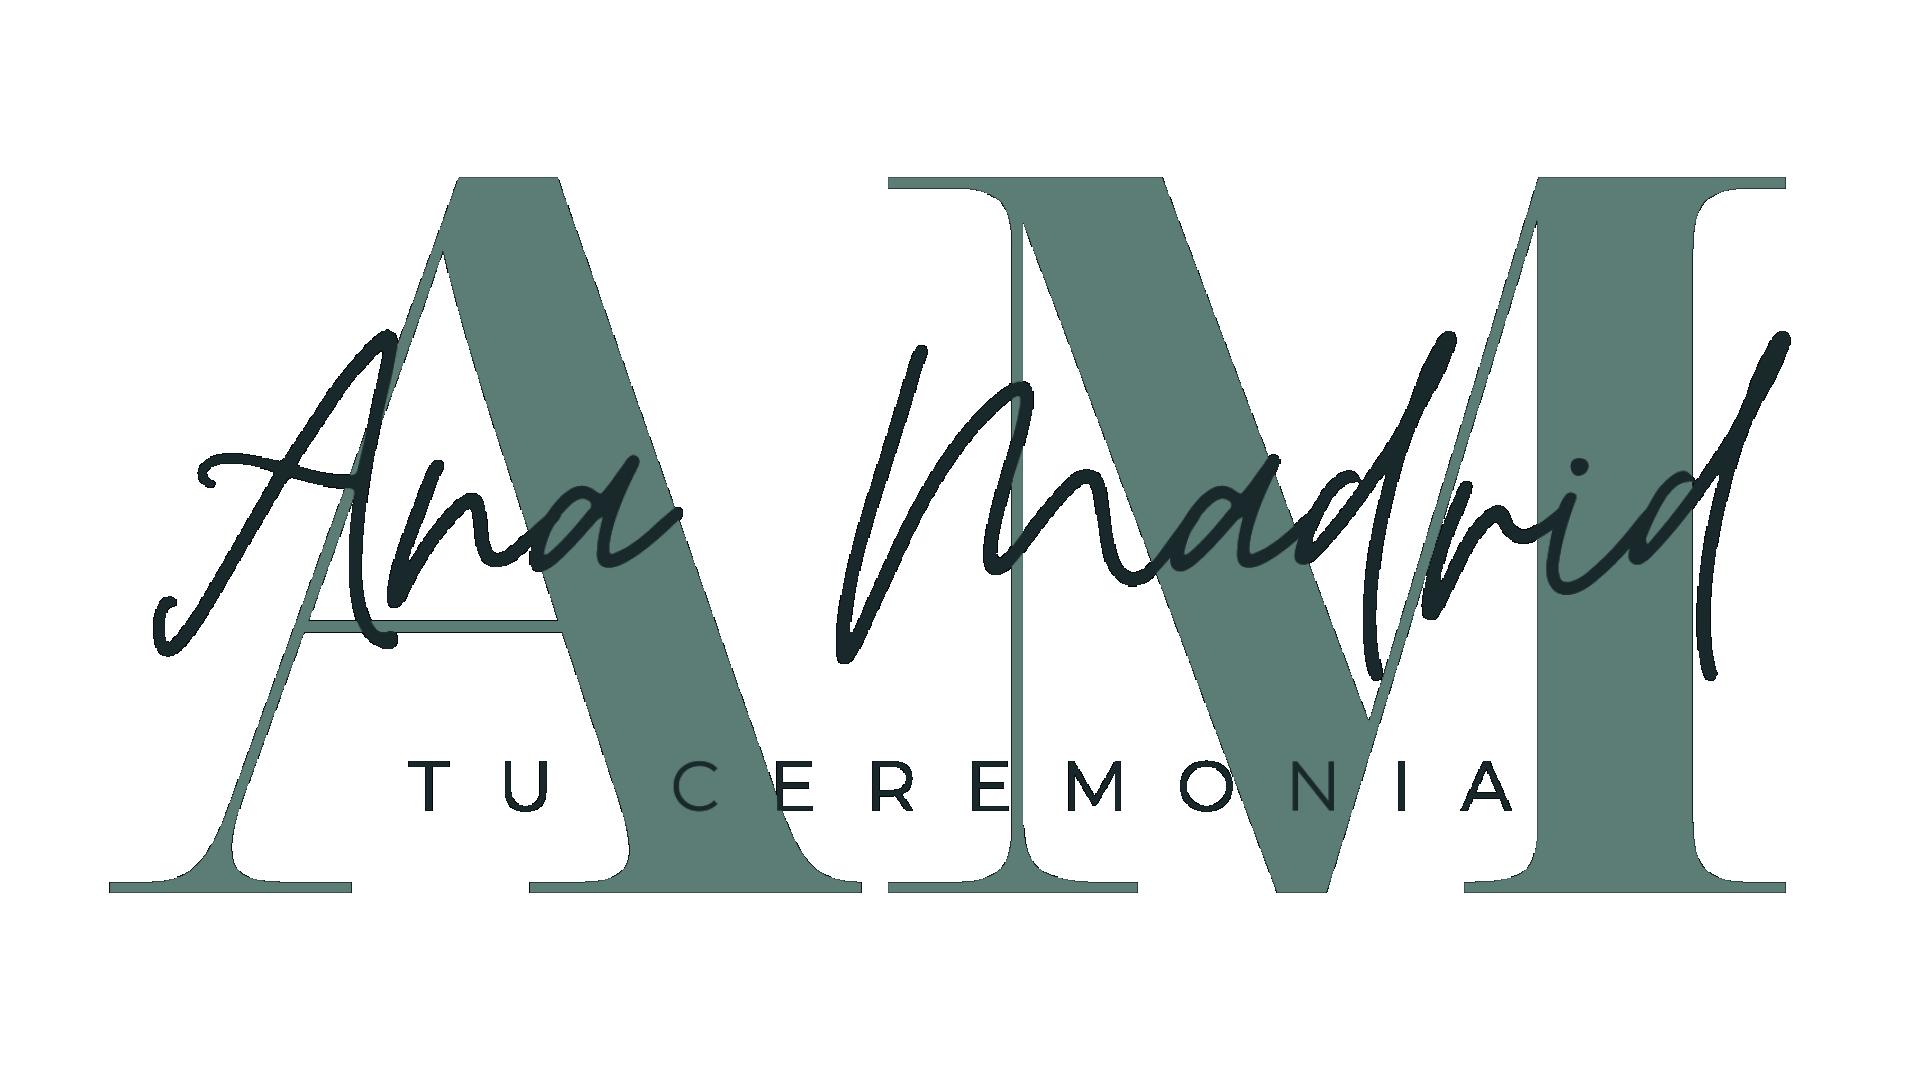 Ana Madrid Tu Ceremonia | Maestra de ceremonias y oficiante de bodas y eventos